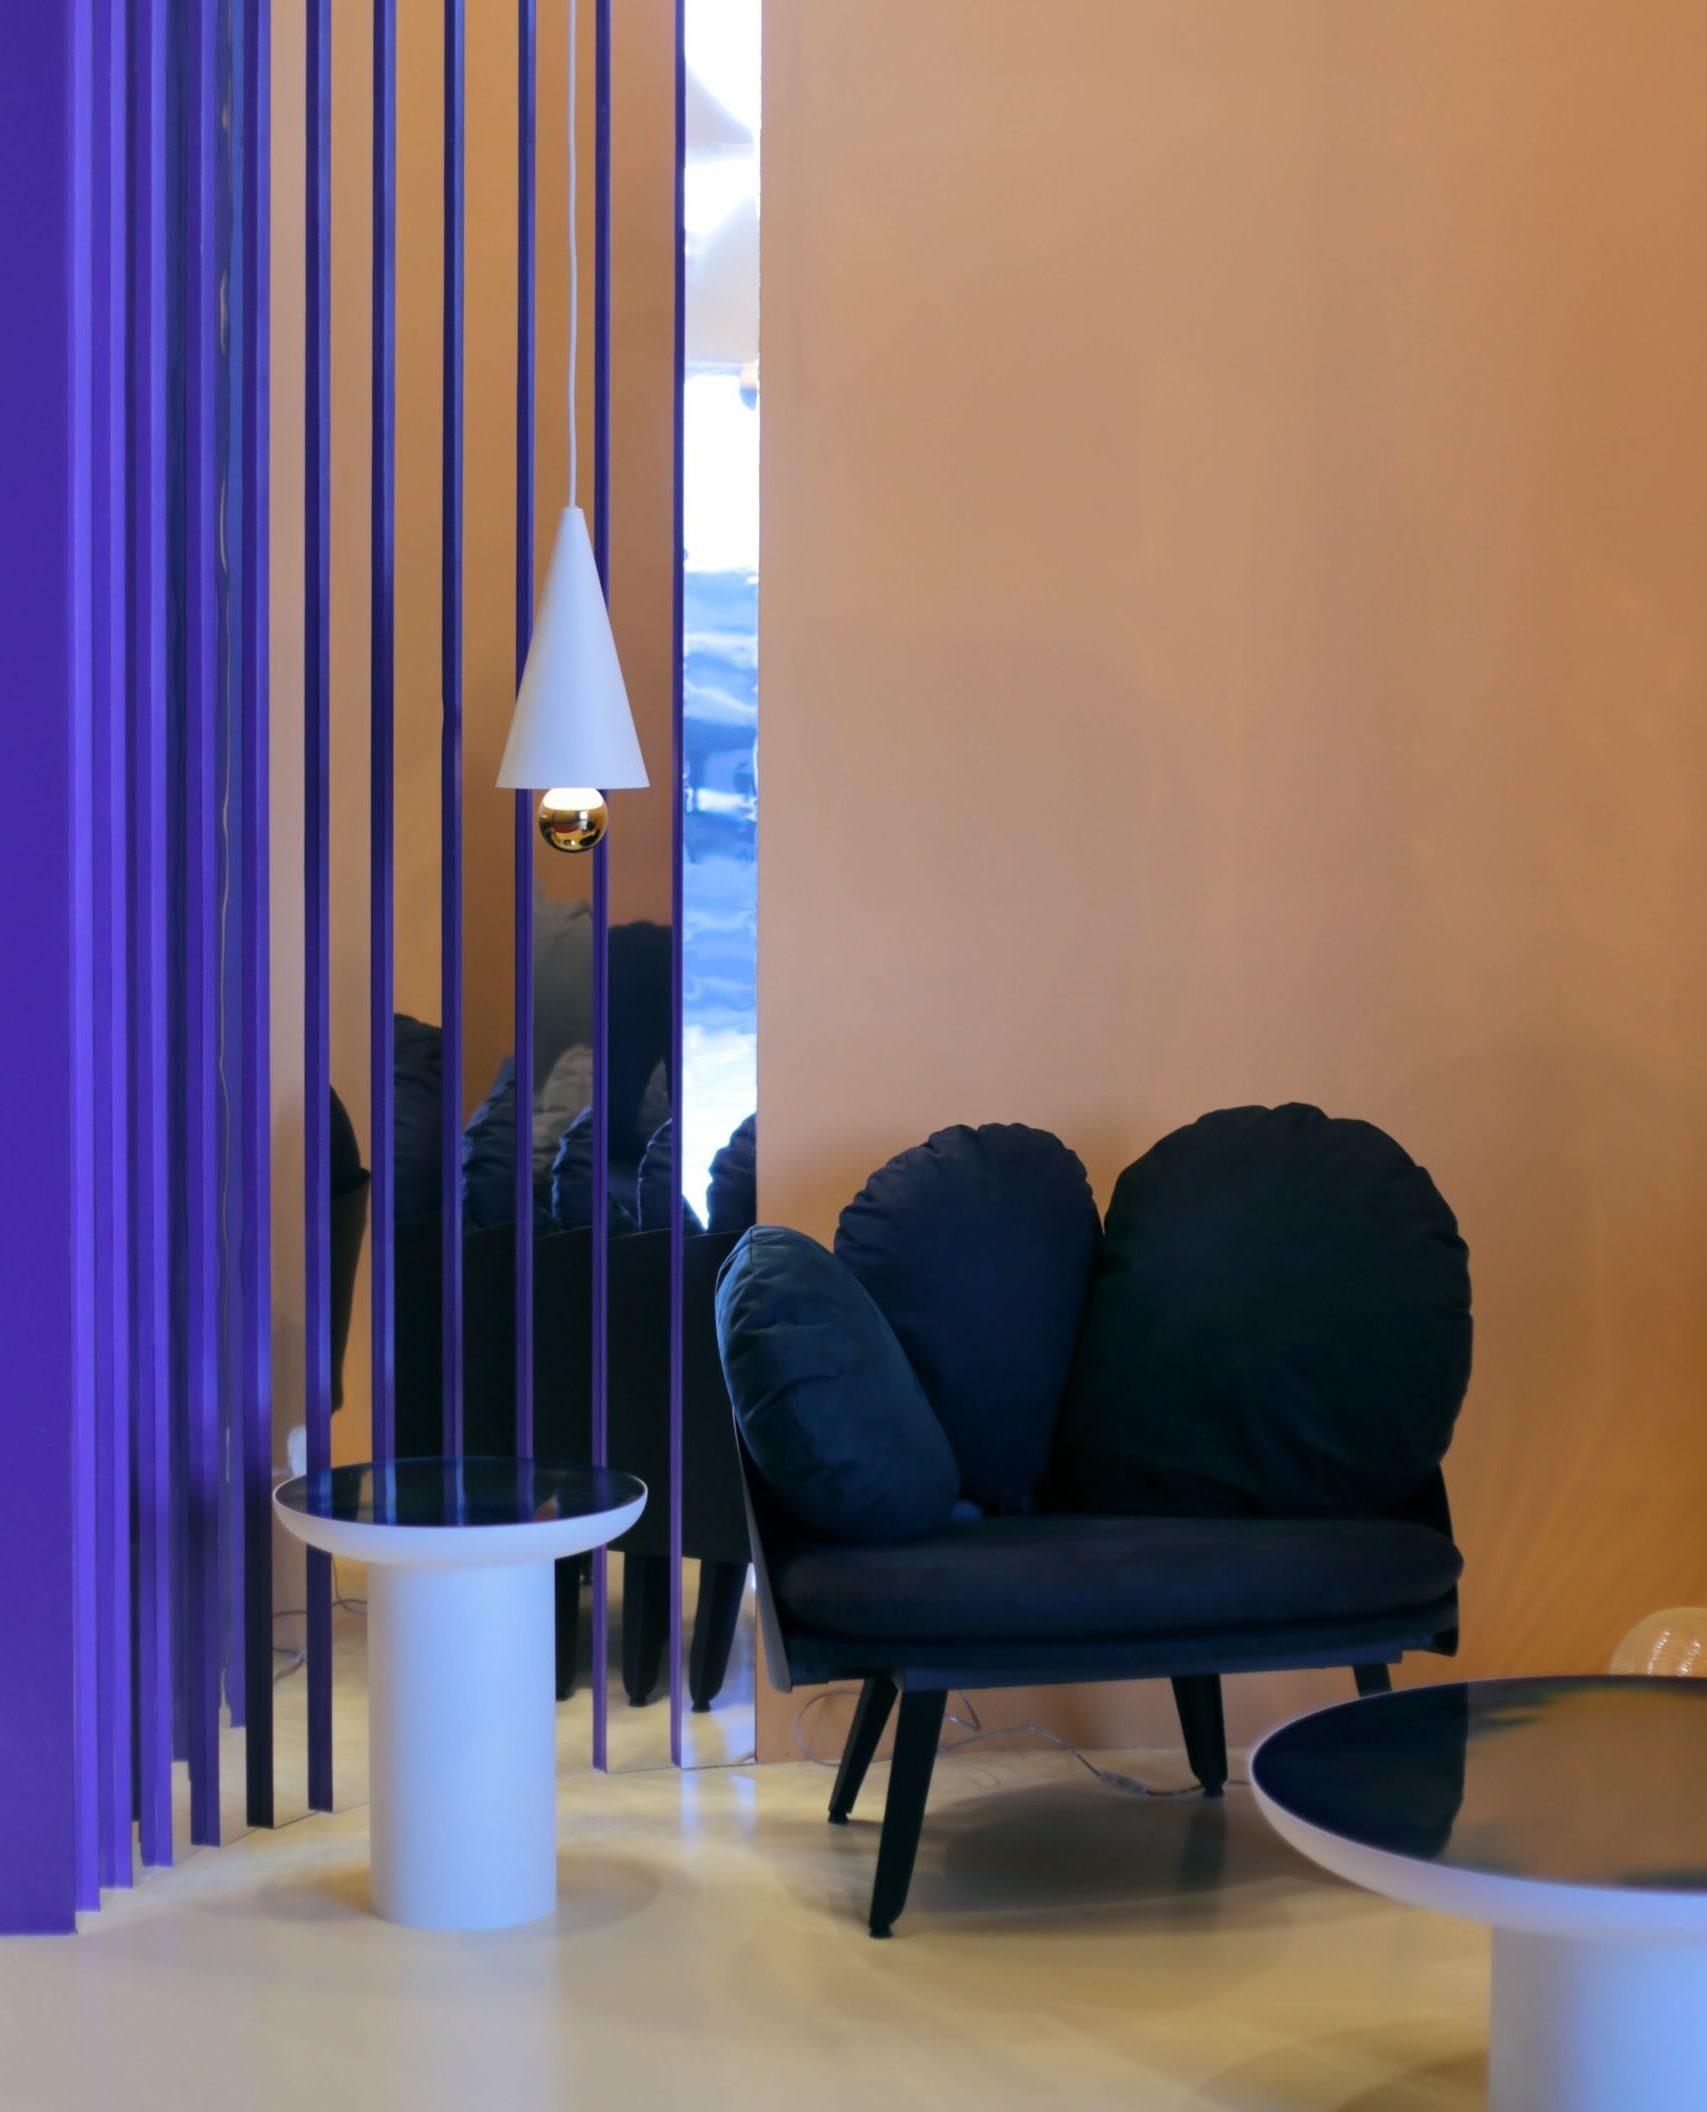 Salon del Mobile 2019 - détail miroir